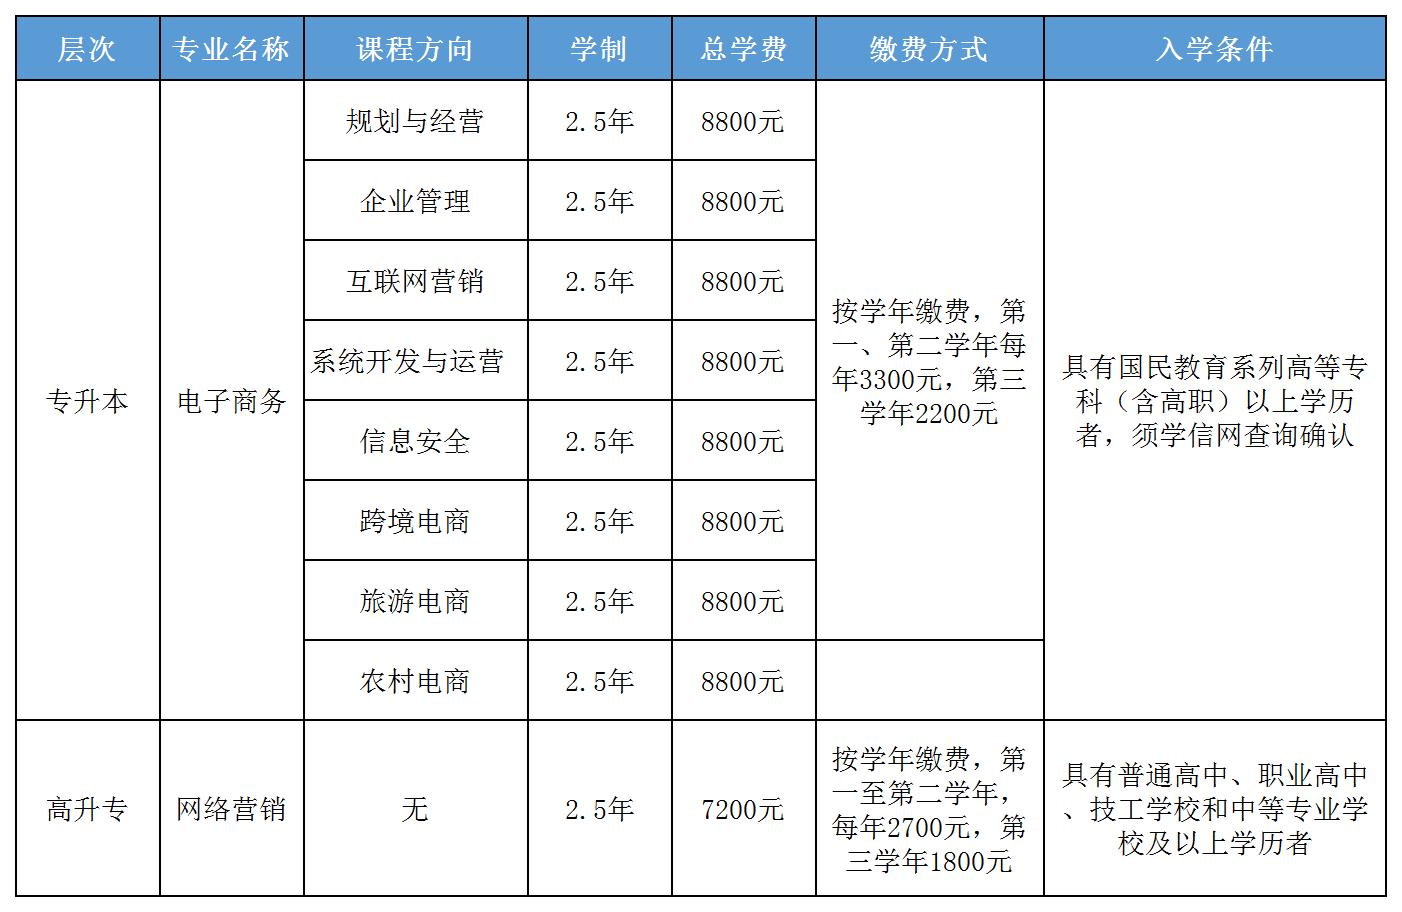 工作簿1 (2)